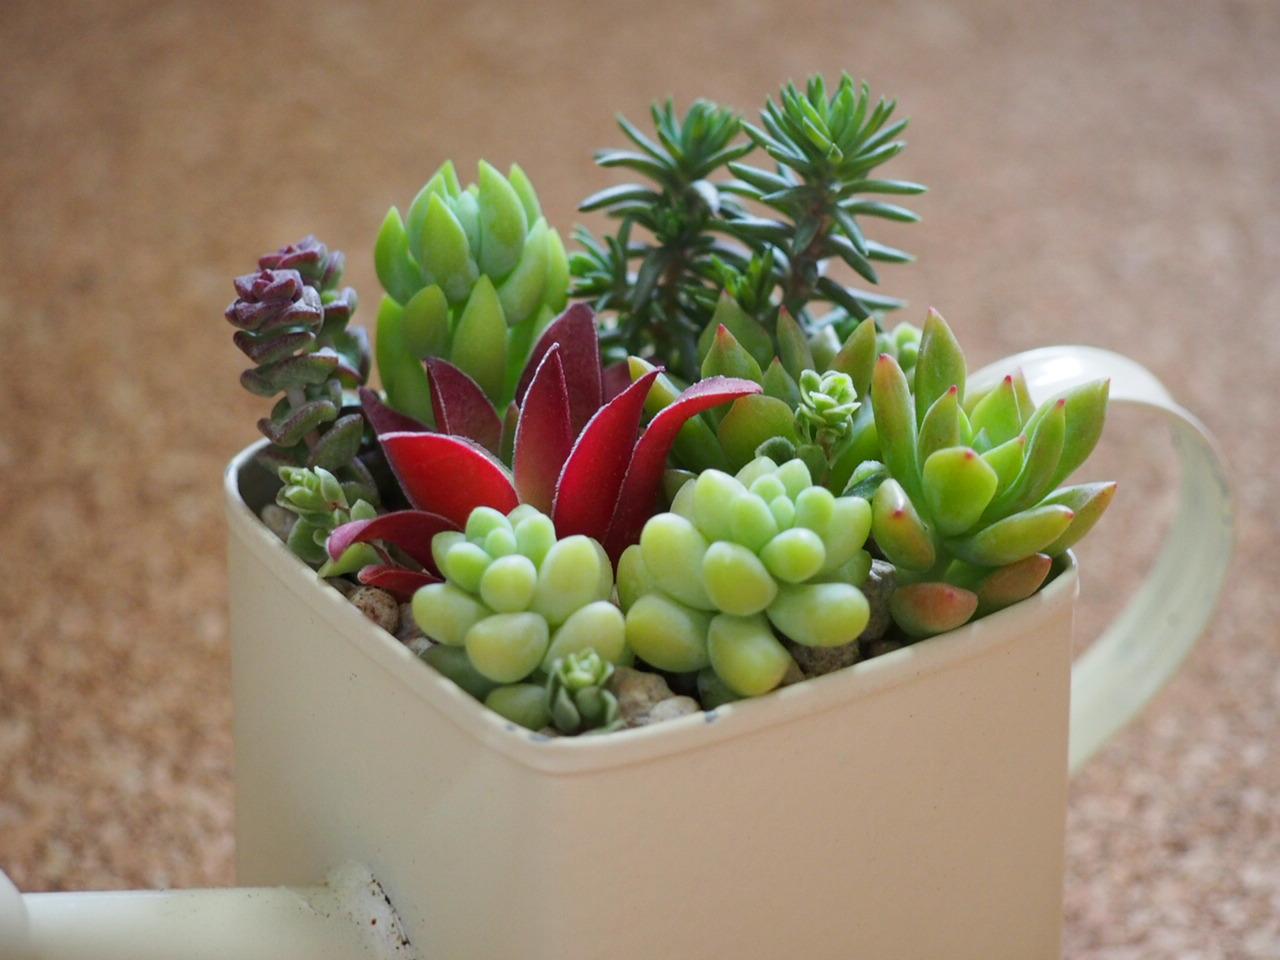 え?ホント?100均ショップで揃う!癒し系インテリア多肉植物の鉢植のサムネイル画像